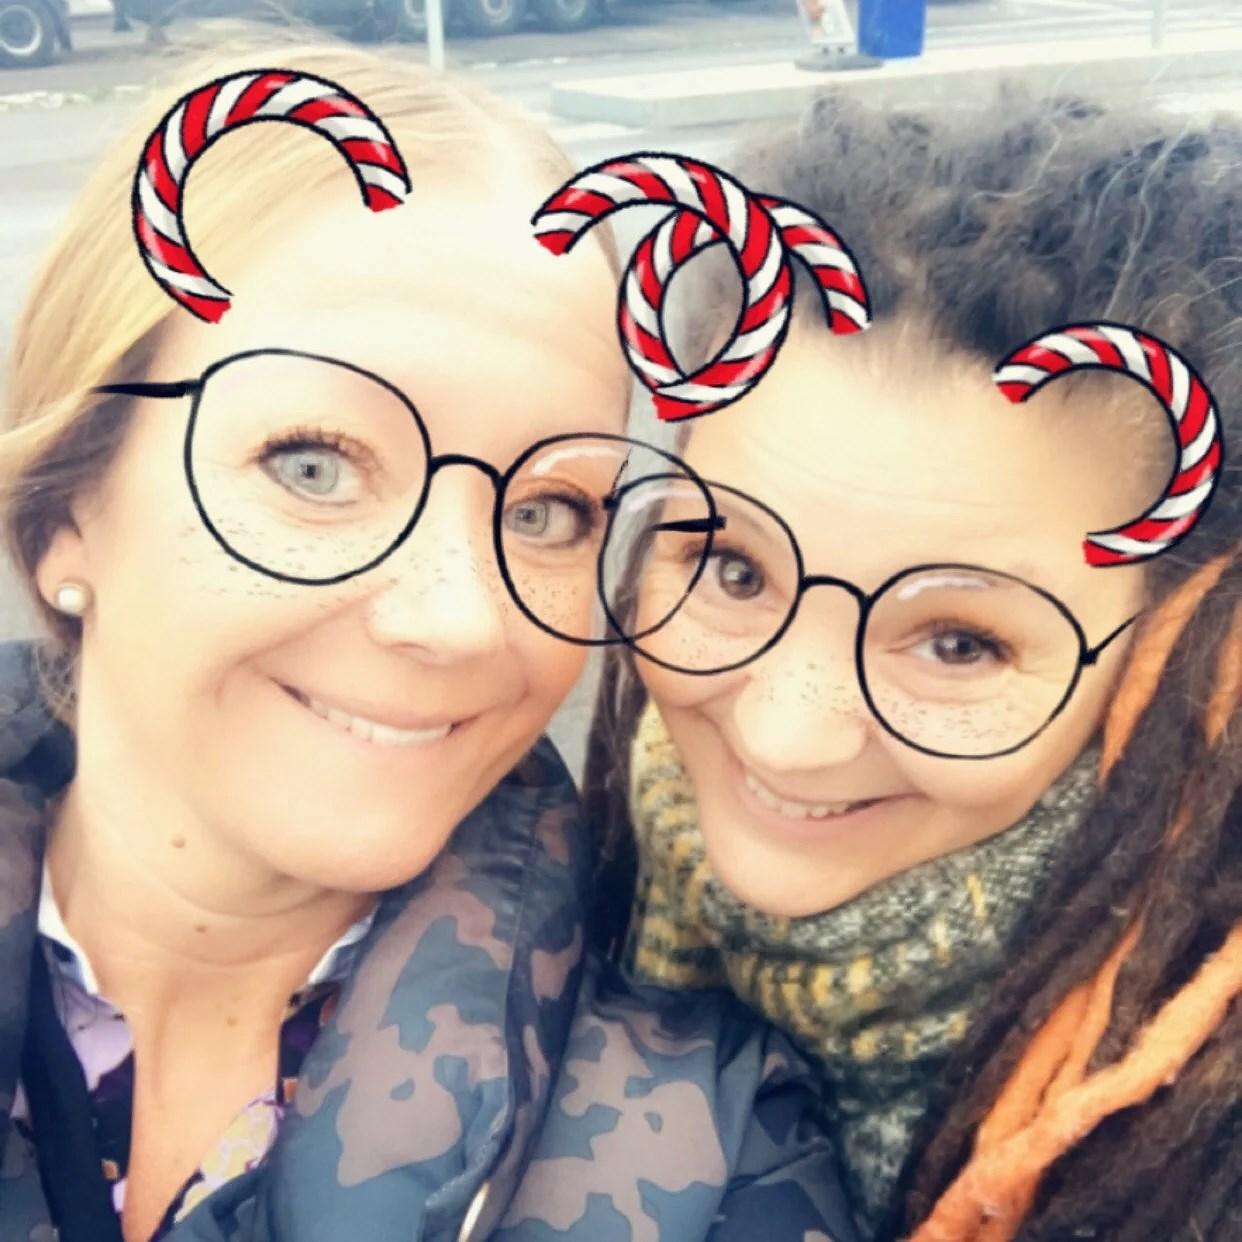 [örebrohelg] möte, julfest och annat